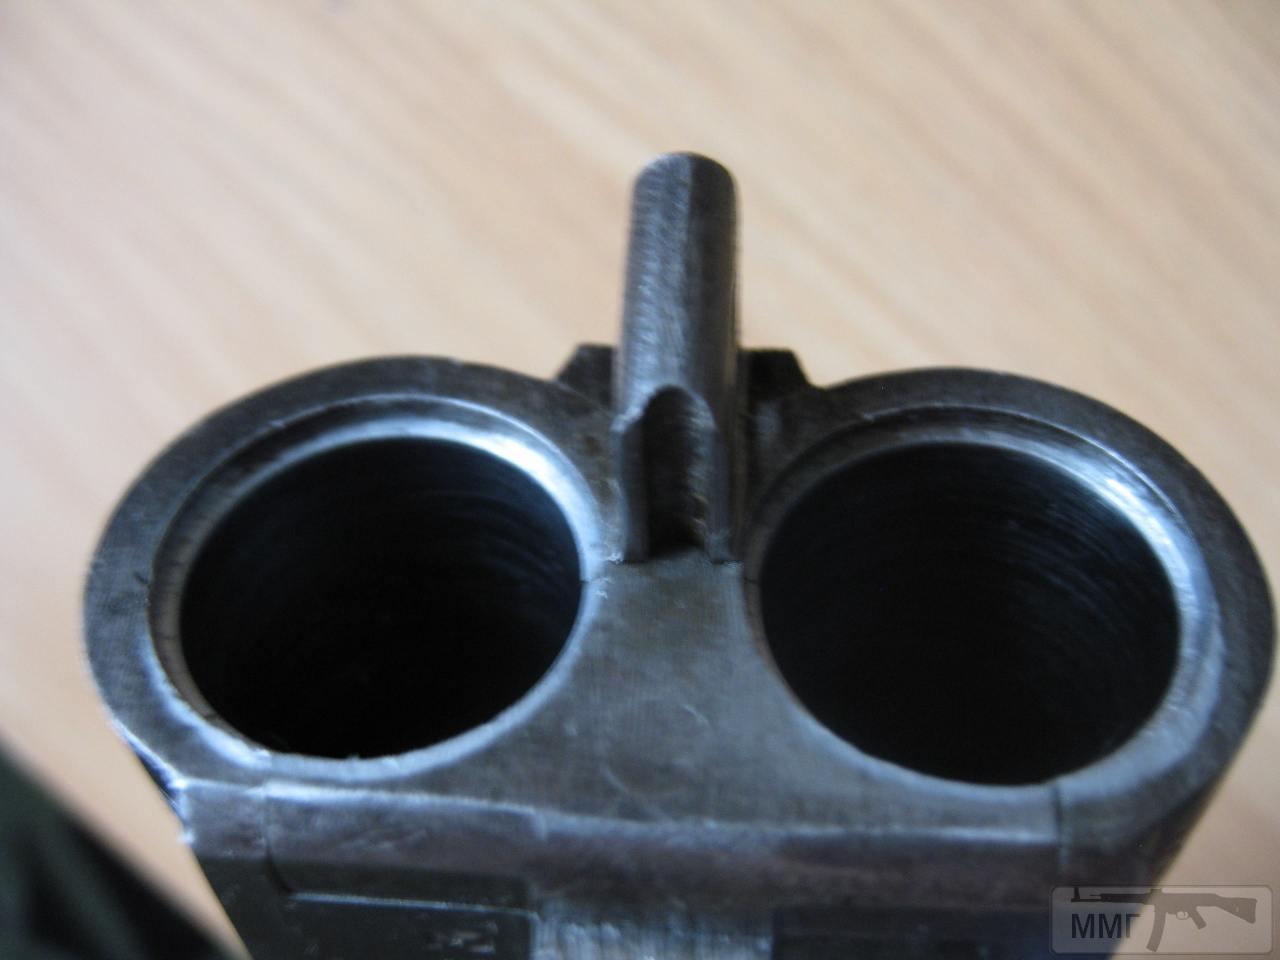 18395 - Охотничье ружьё  ТОЗ-63.